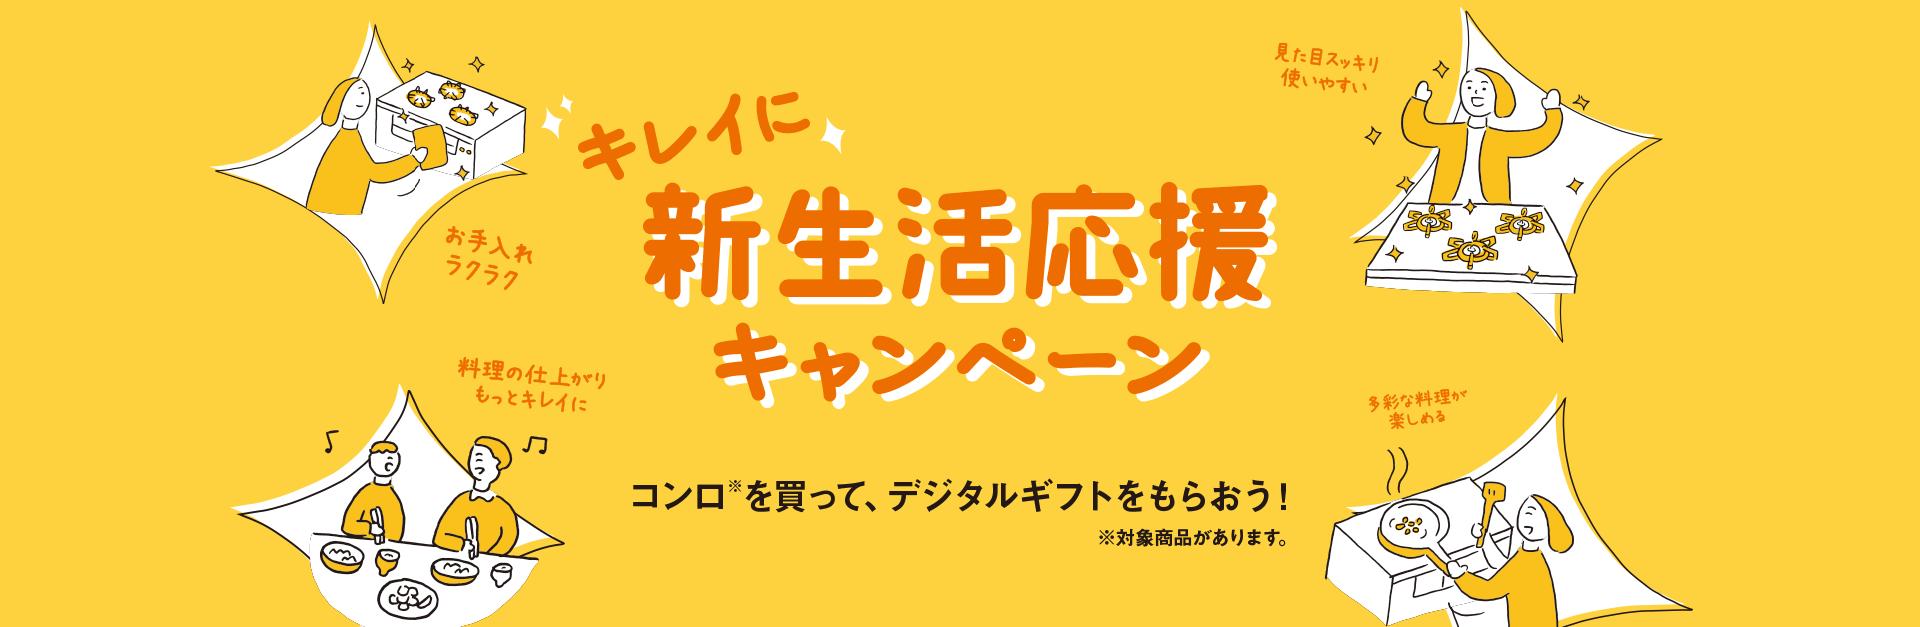 キレイに新生活応援キャンペーン コンロを買って、デジタルギフトをもらおう!※対象商品があります。